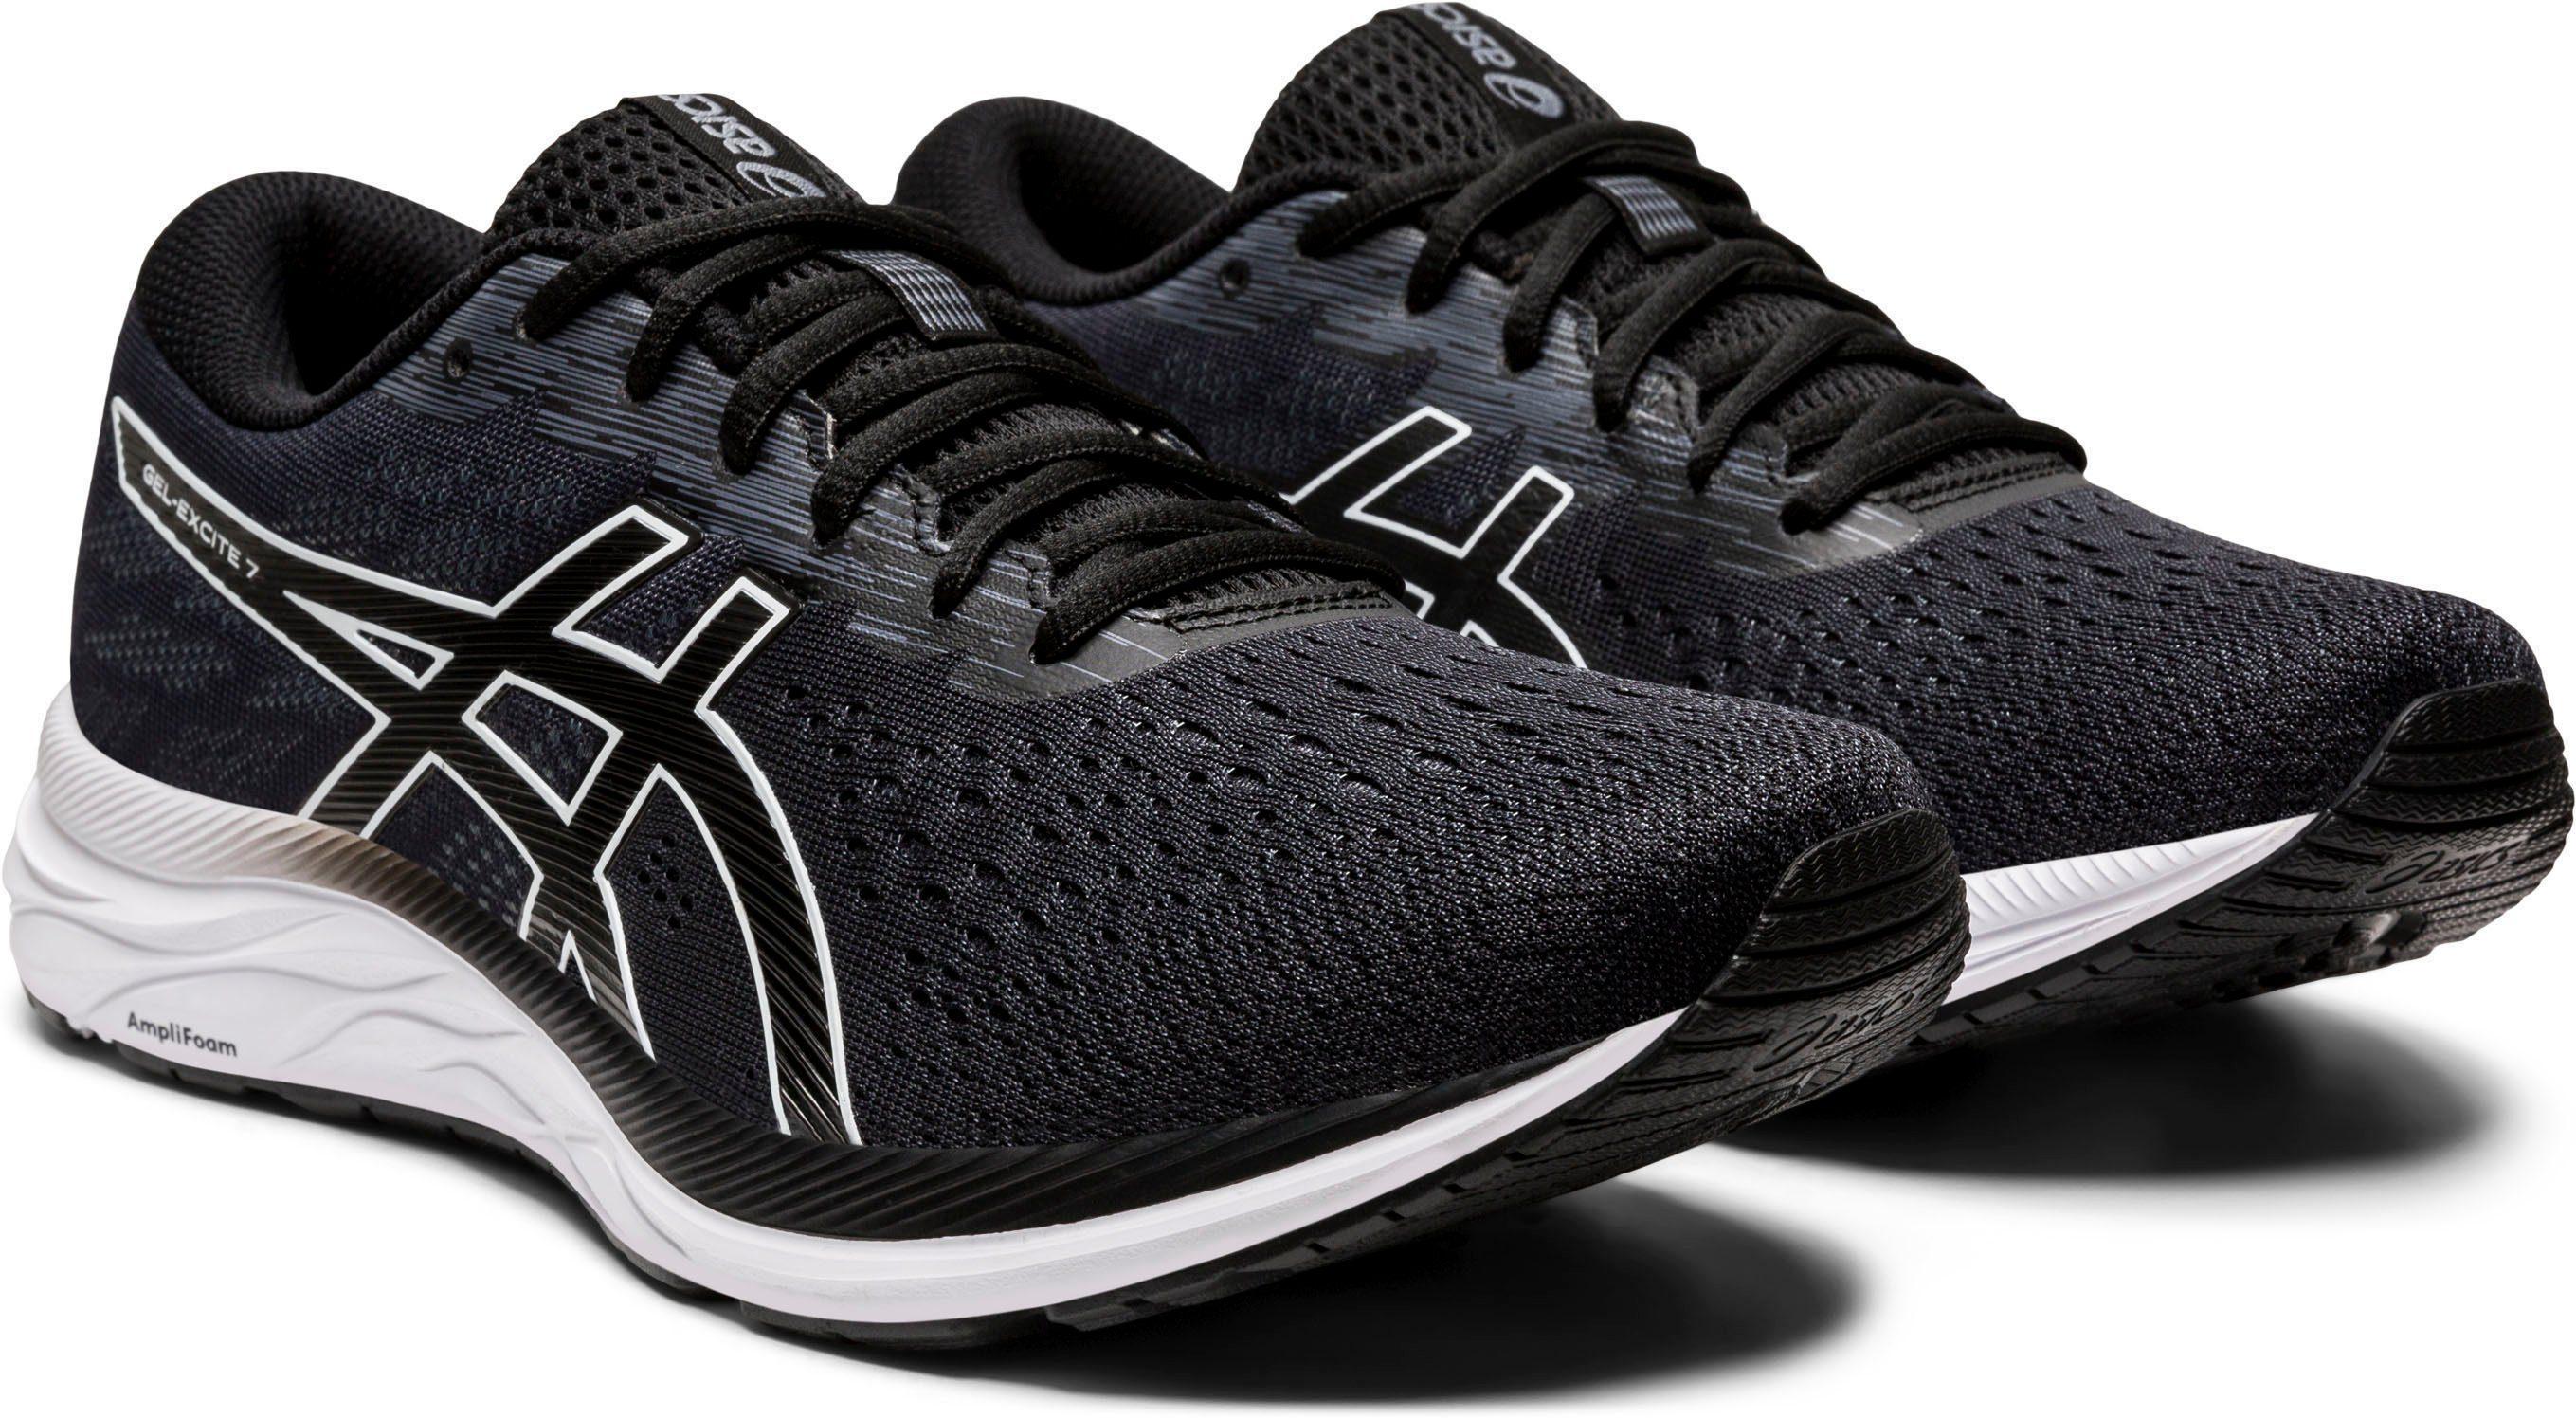 Asics »GEL-EXCITE 7« Laufschuh, Leichter Laufschuh von Asics online kaufen  | OTTO